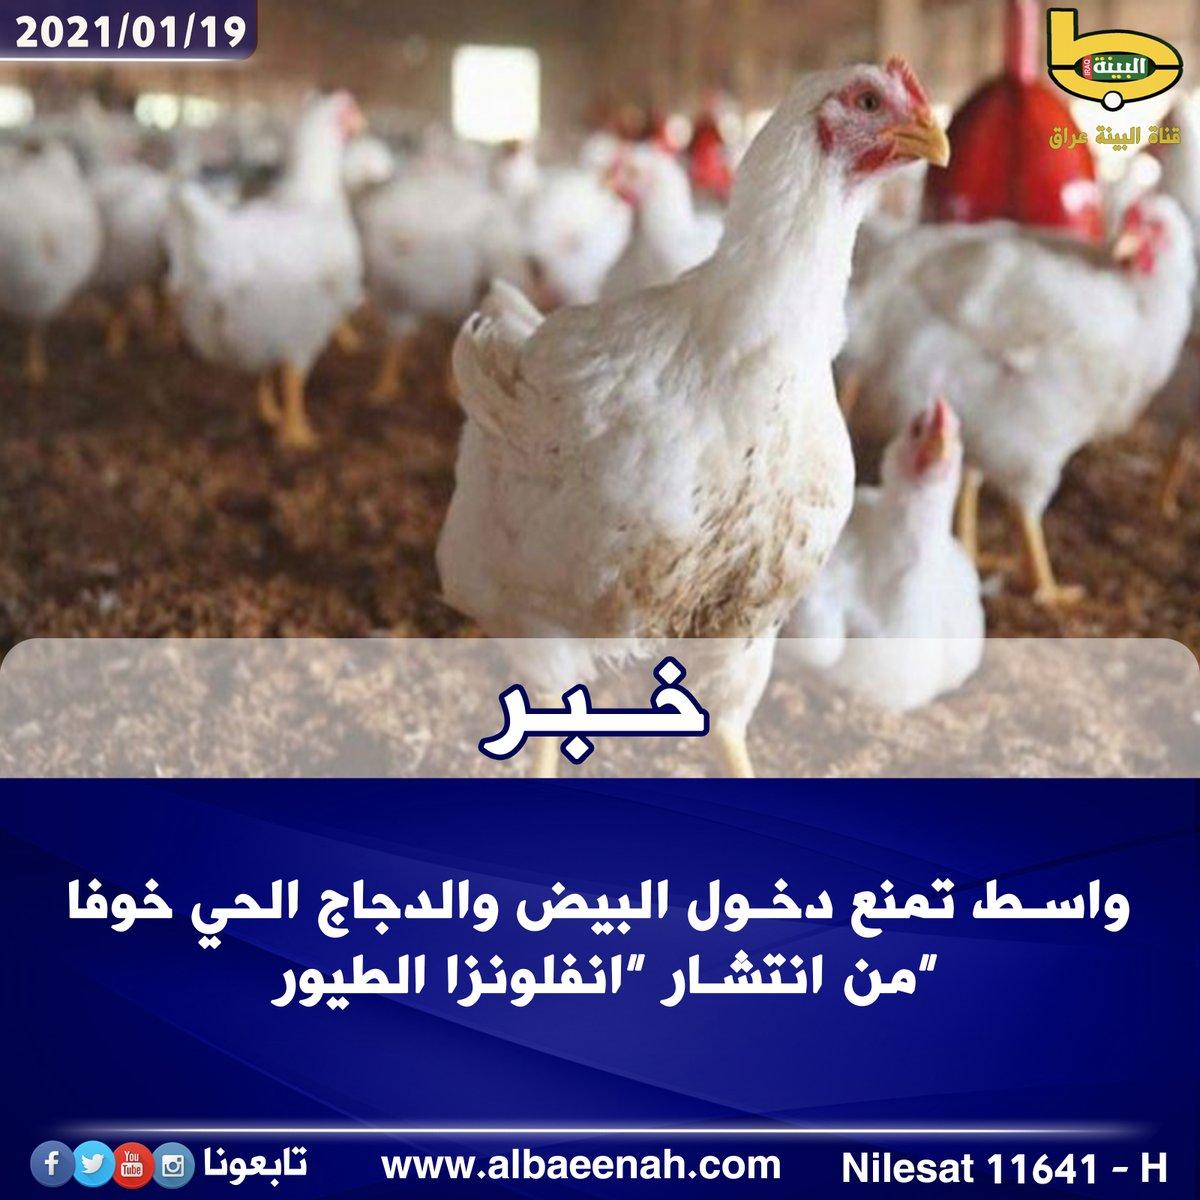 """🟩 #واسط تمنع دخول البيض والدجاج الحي خوفا من انتشار """" #إنفلونزا_الطيور """" لمزيد من التفاصيل  ــــــــــــــــــــــــــــــ لمتابعة قناة البينة عراق 11641 H NILESAT 27500"""